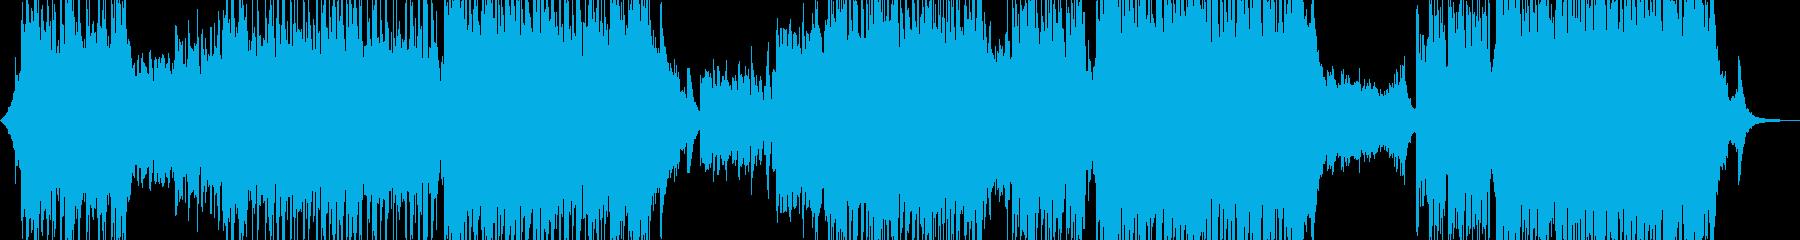 幻想的な作品へ・R&B 後半エレキポップの再生済みの波形